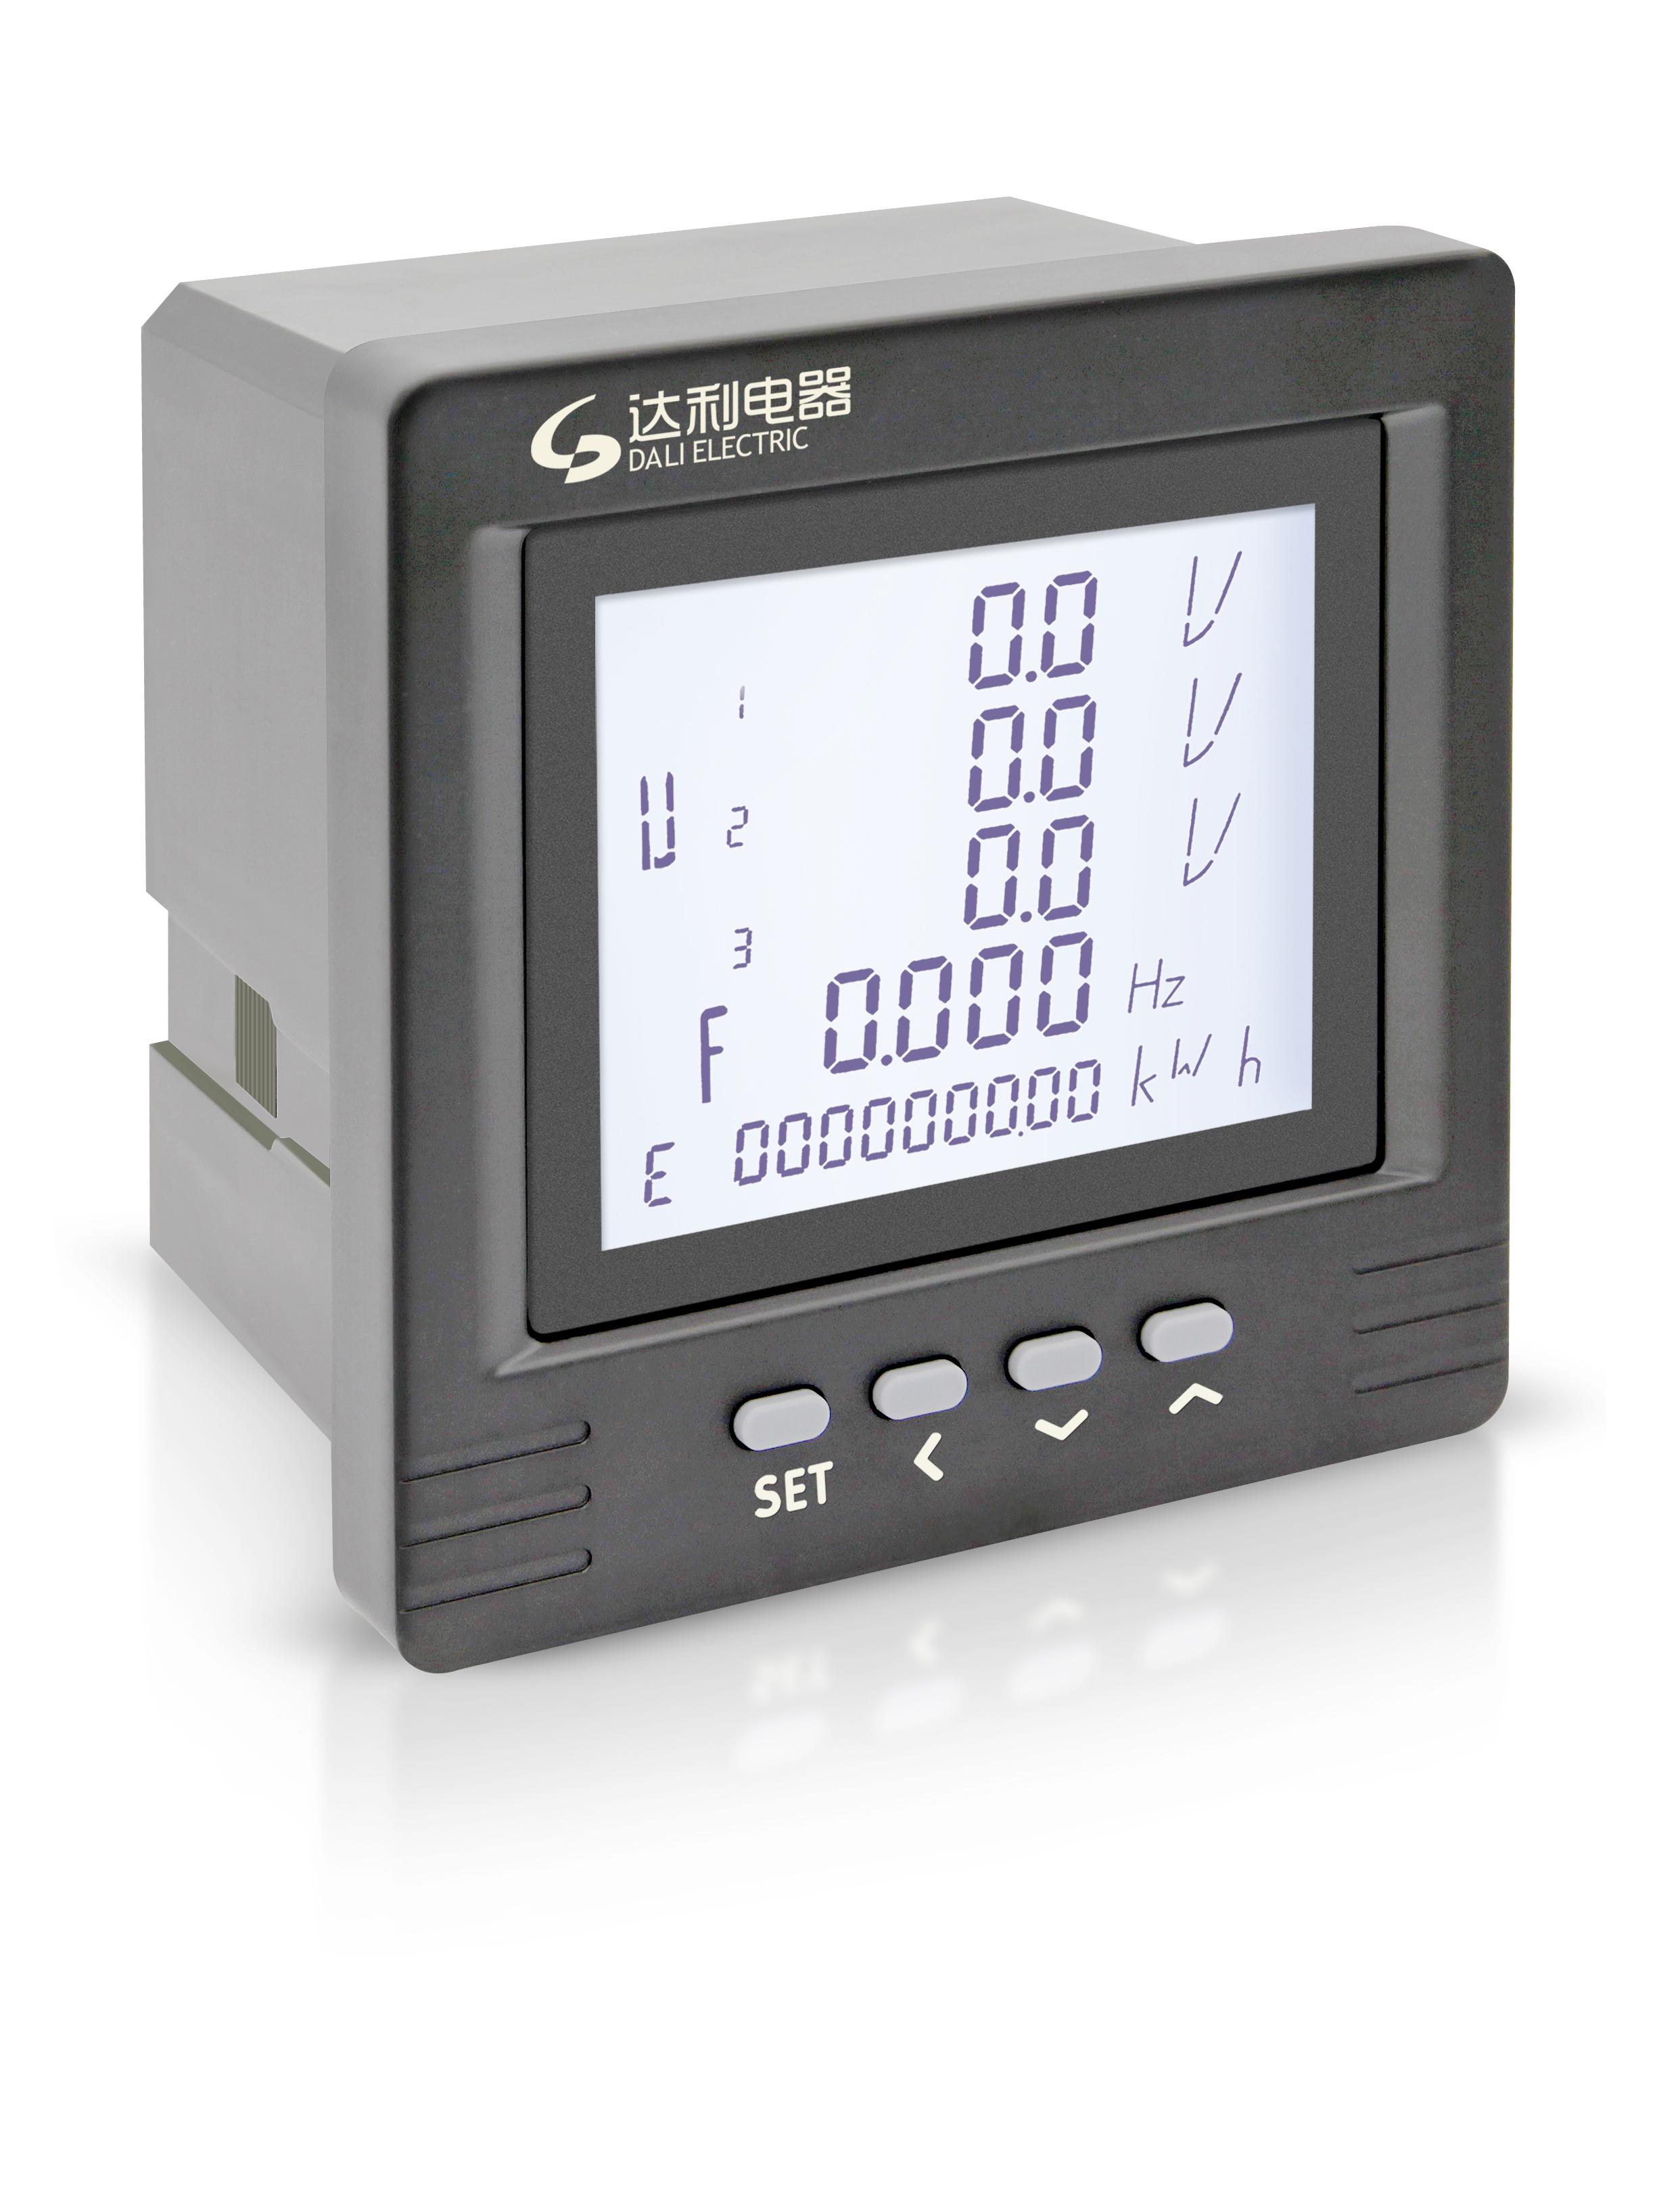 修武DY21G272P 光柱显示仪表有优惠吗?